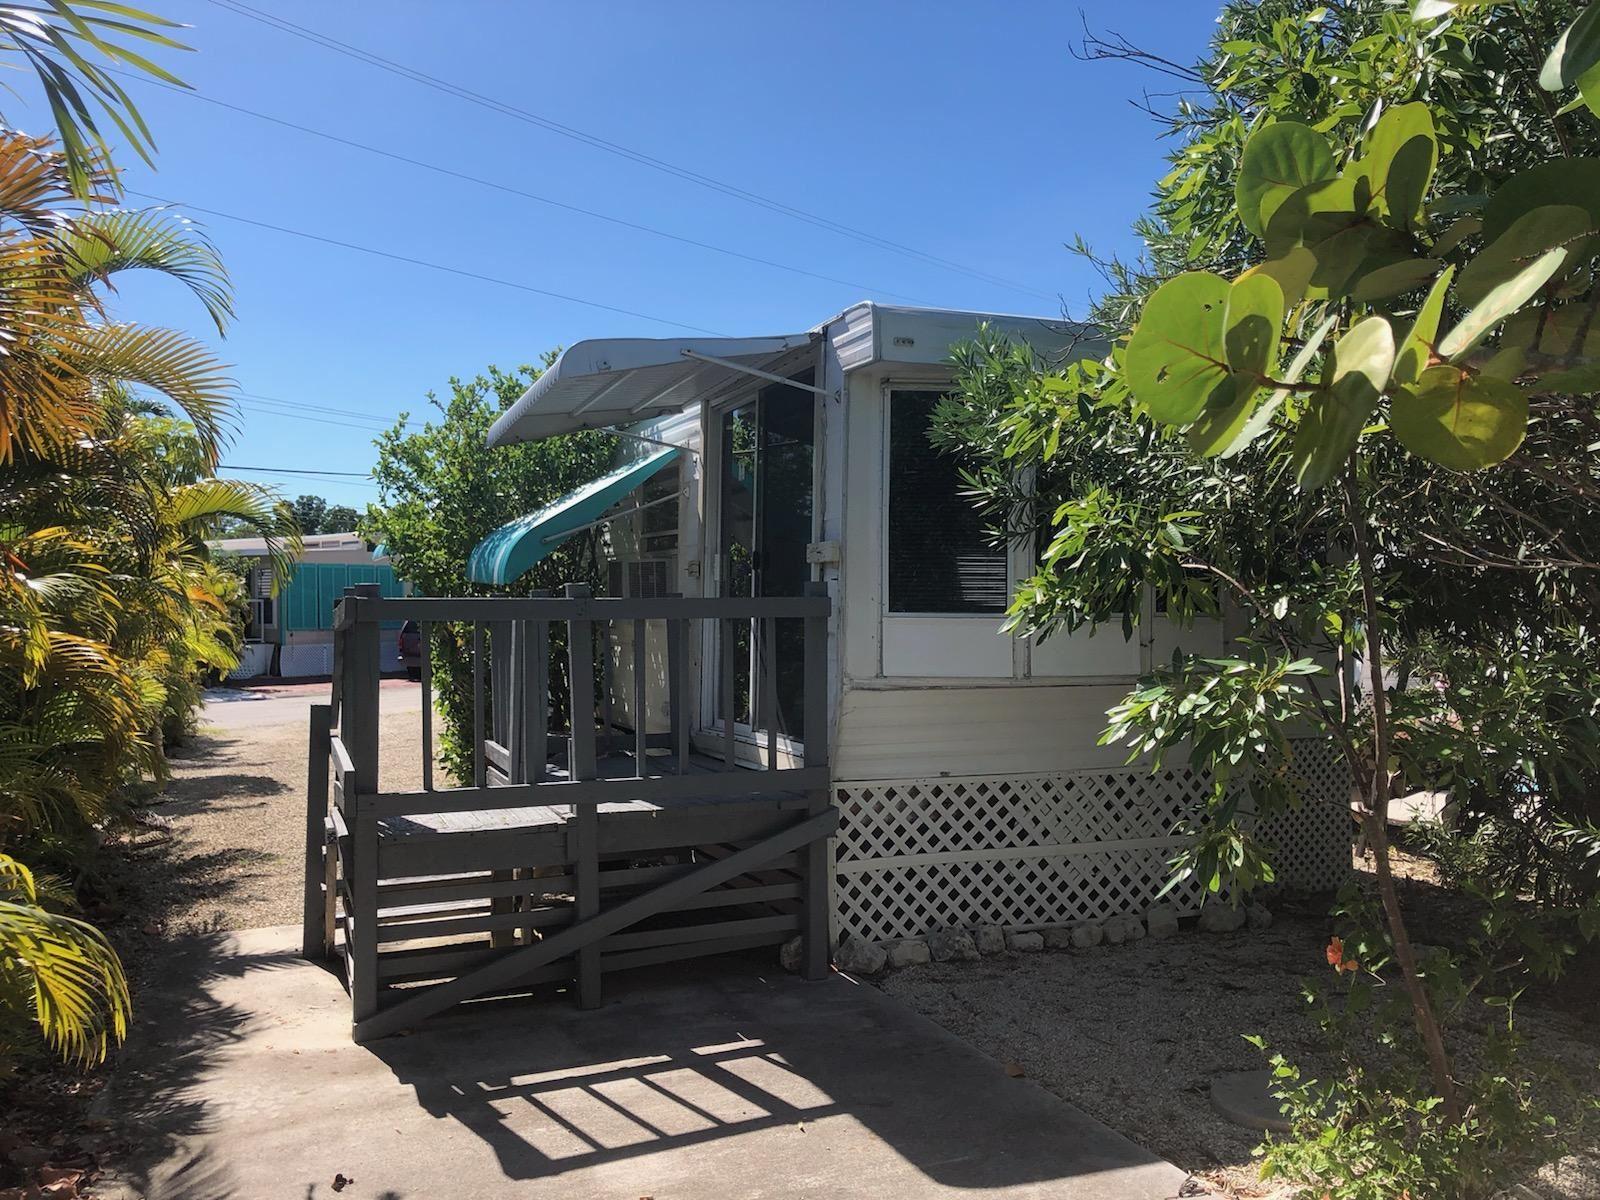 55 Boca Chica Road #50, Key West, FL 33040 - #: 592281